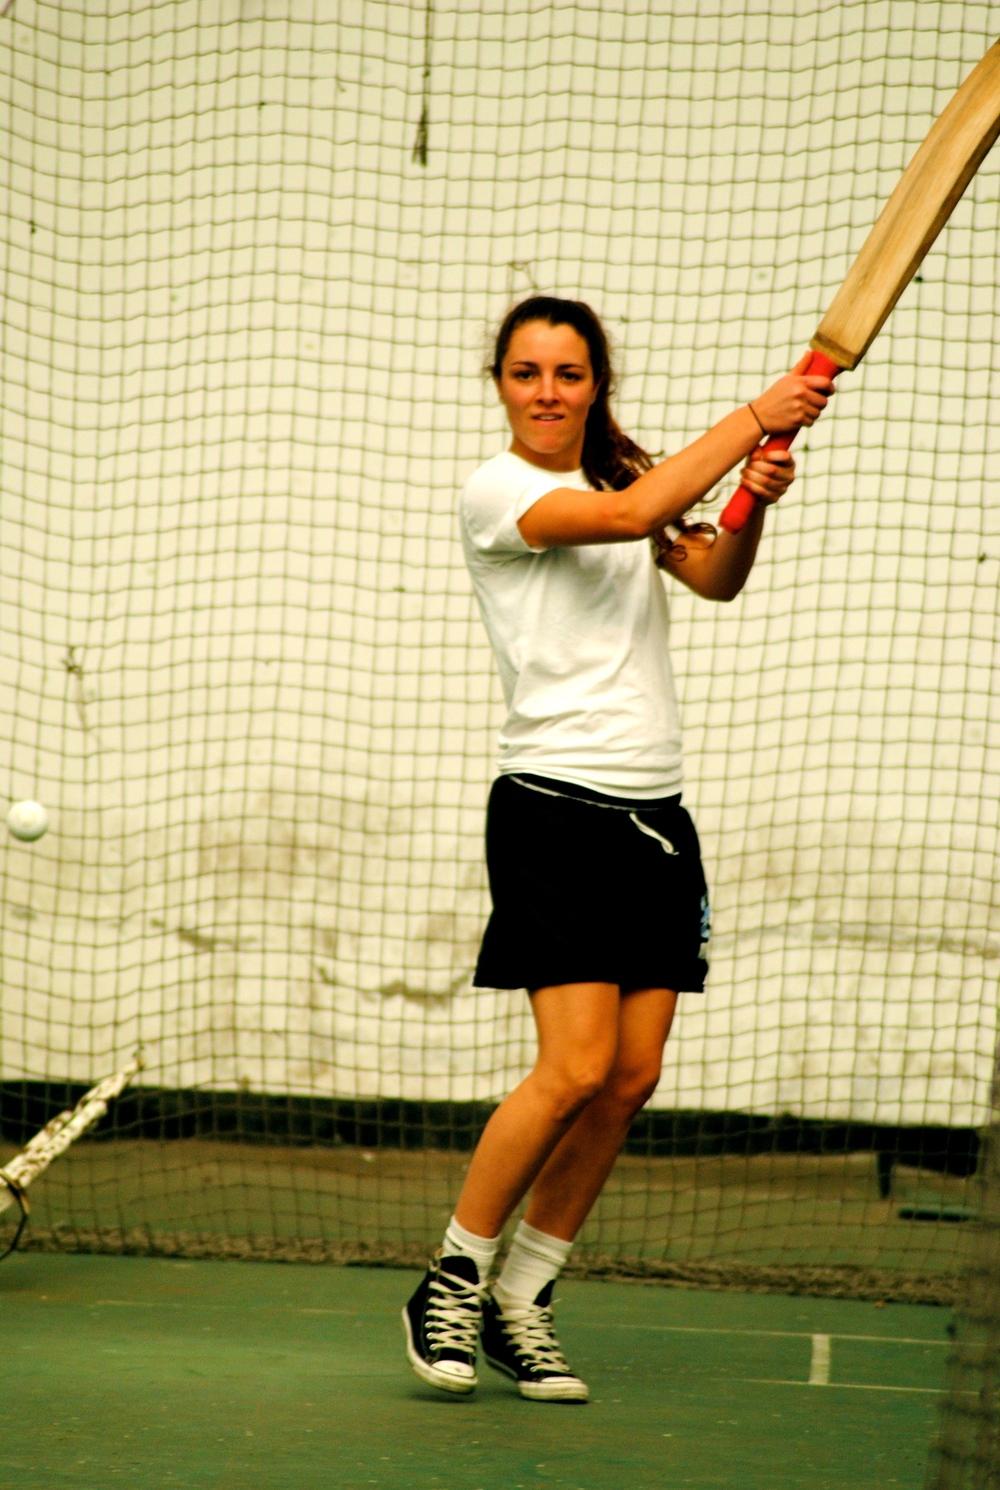 Hannah playing cricket